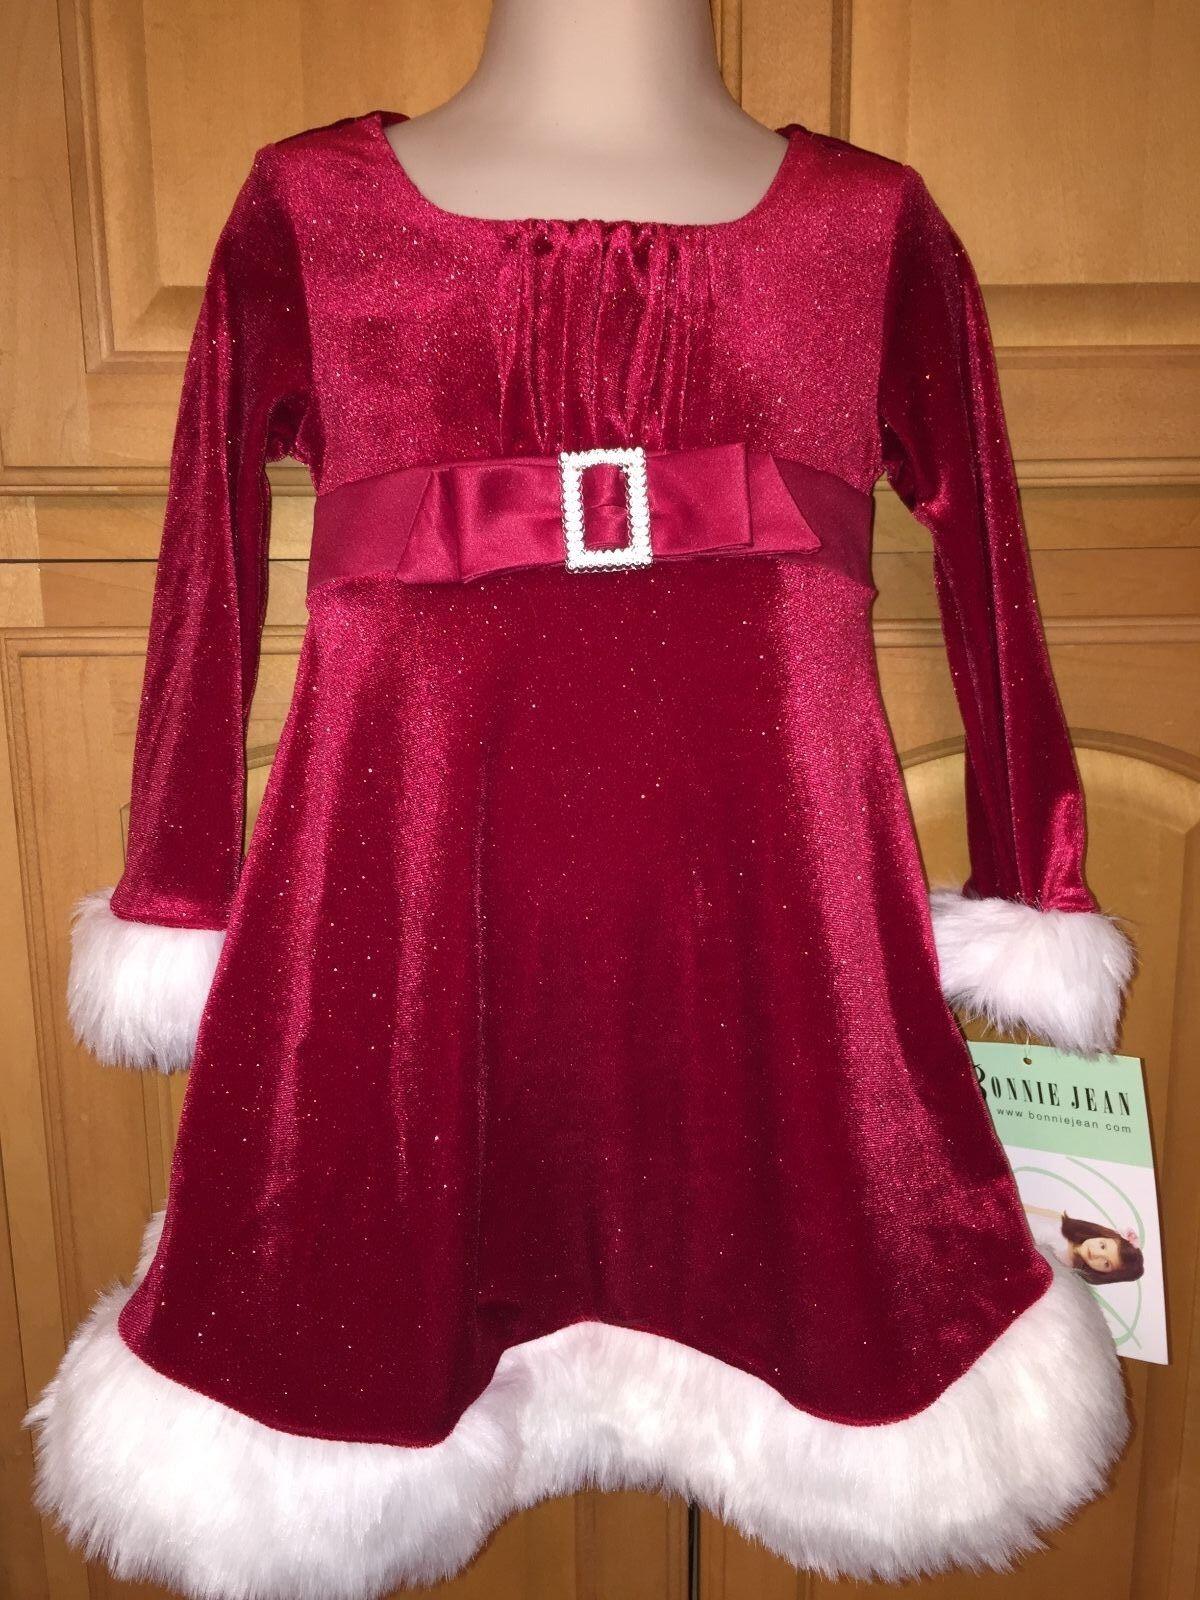 Bonnie Baby Infant Girls Red Velvet Christmas Dress W white Fur 12m